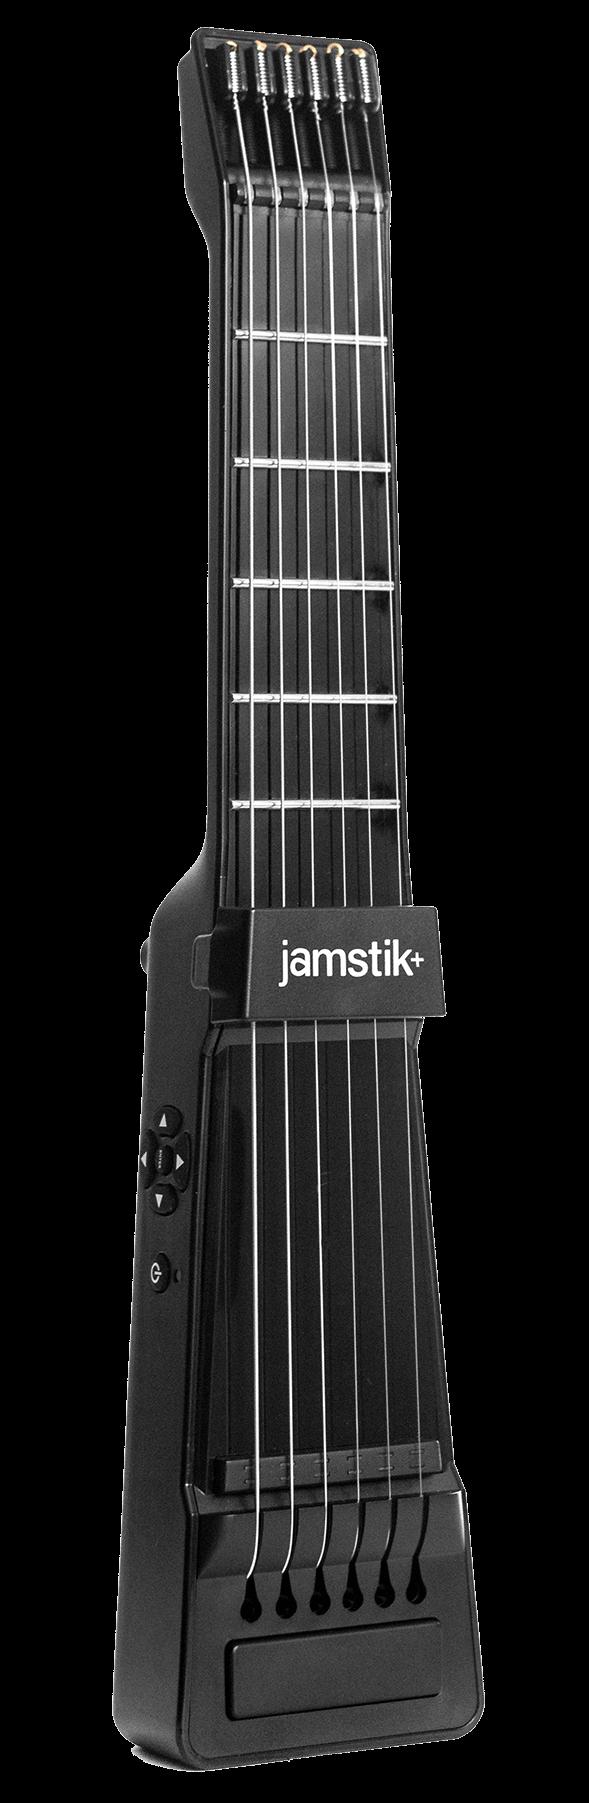 jamstik+ review